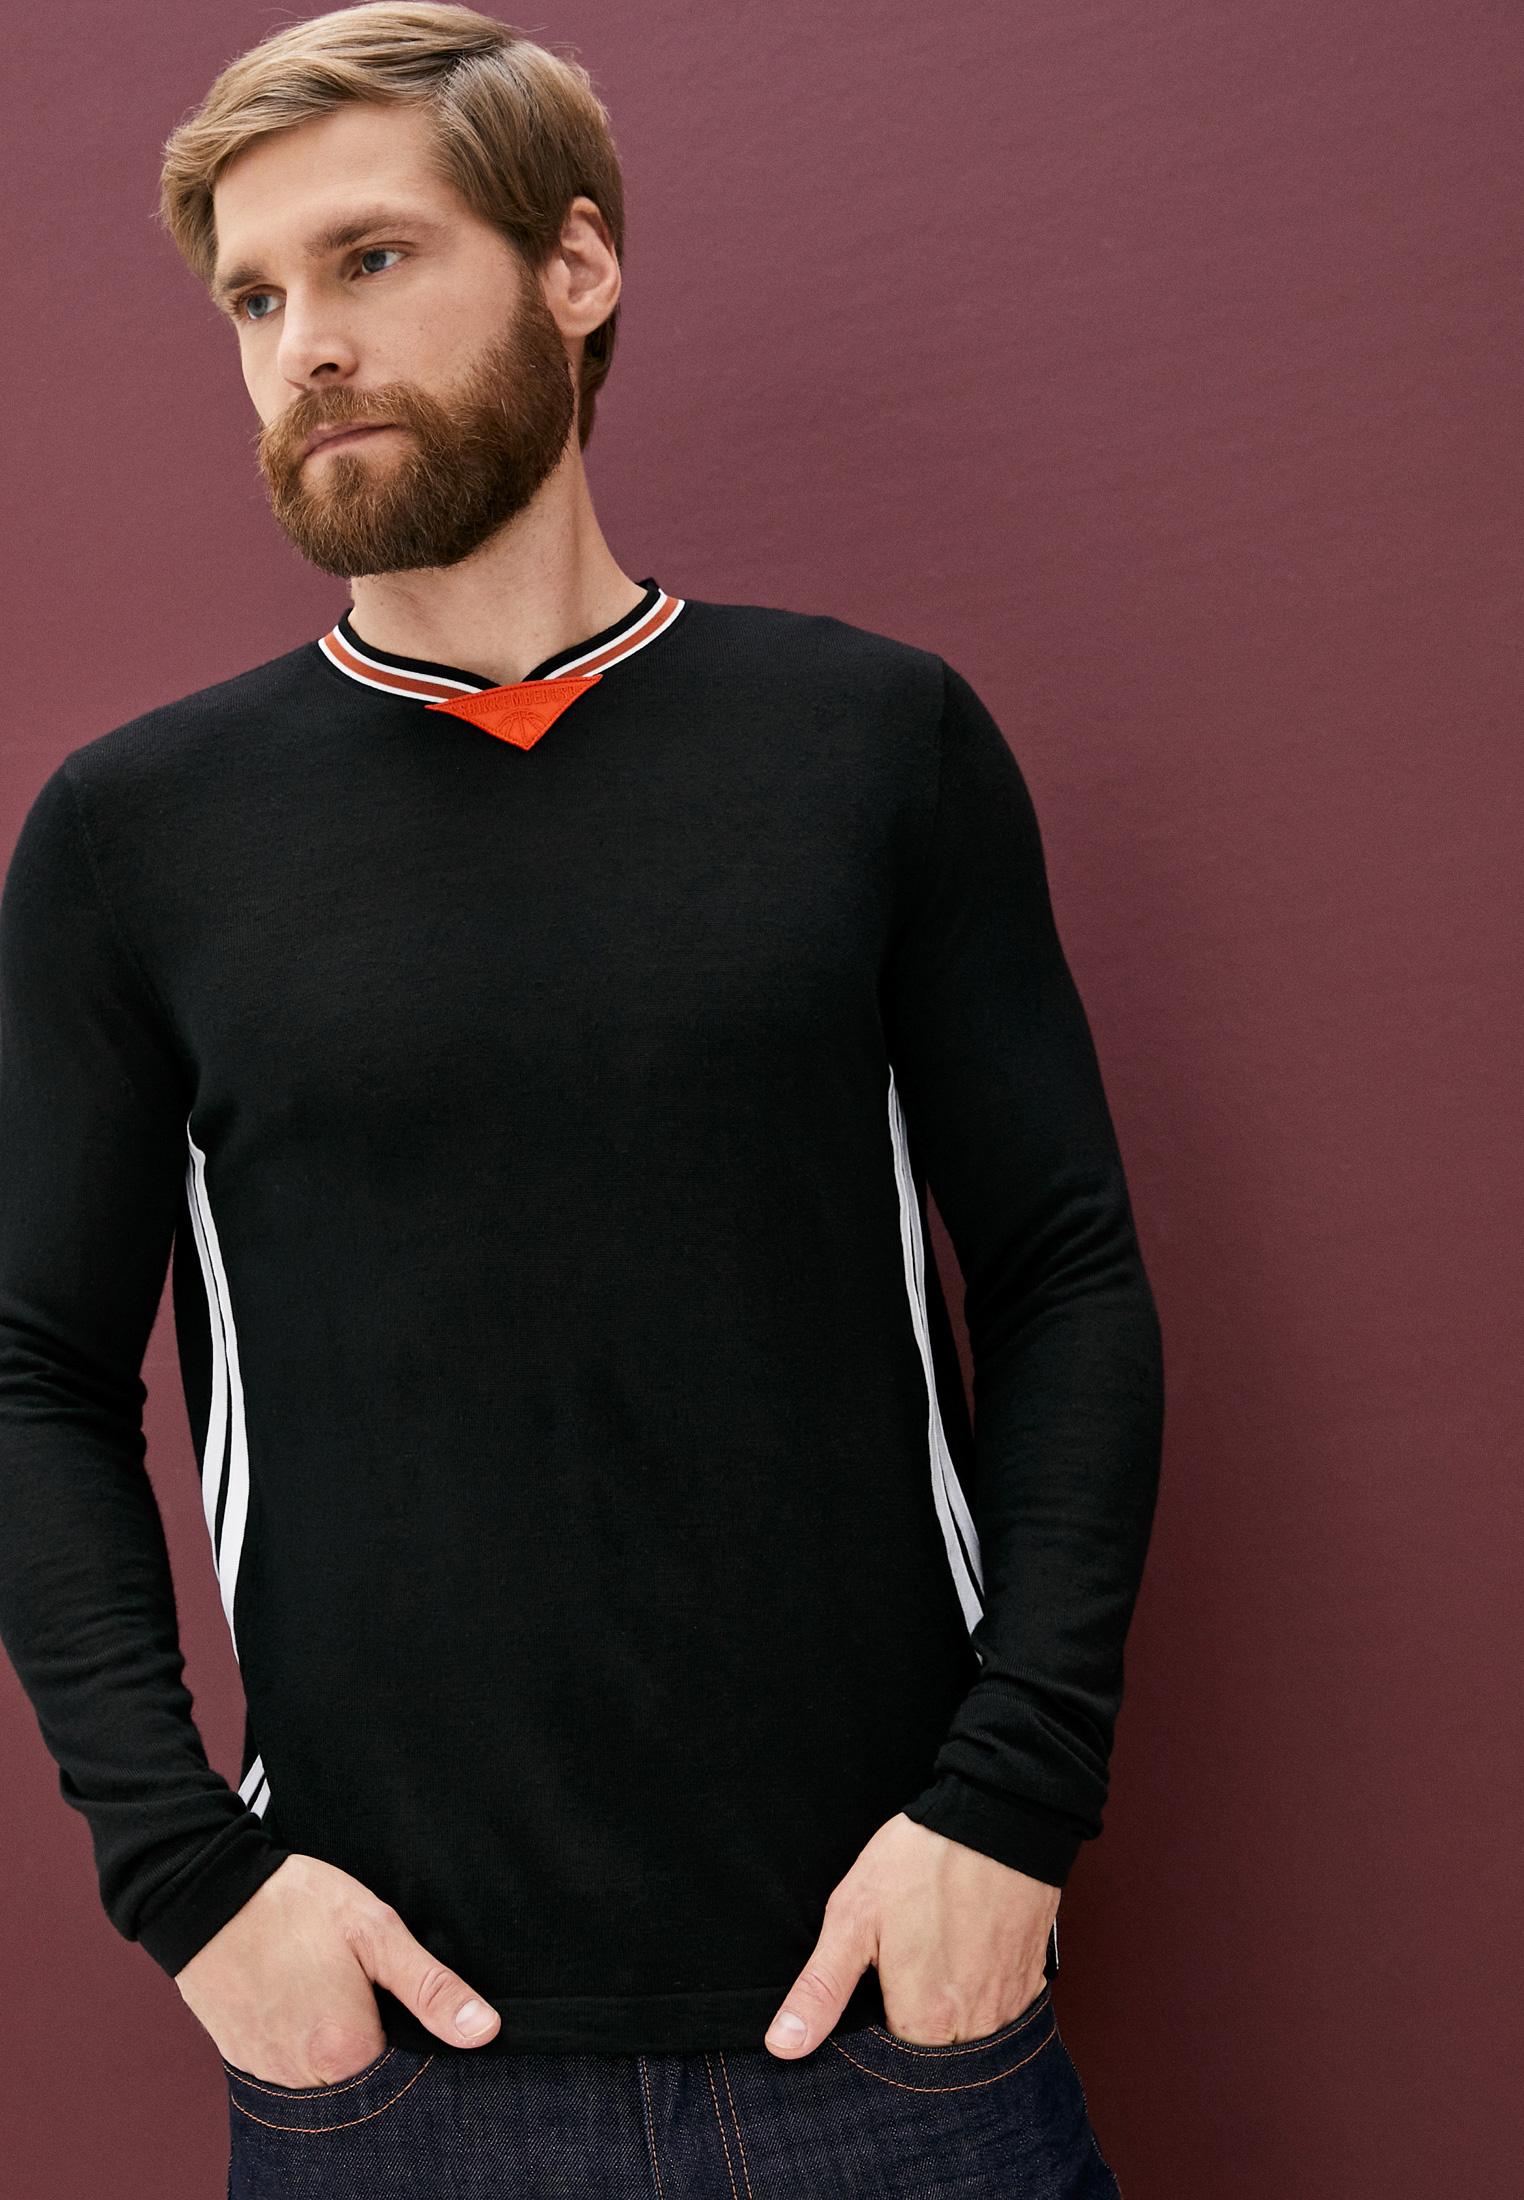 Пуловер Bikkembergs (Биккембергс) c s v21 10 x 1306: изображение 2